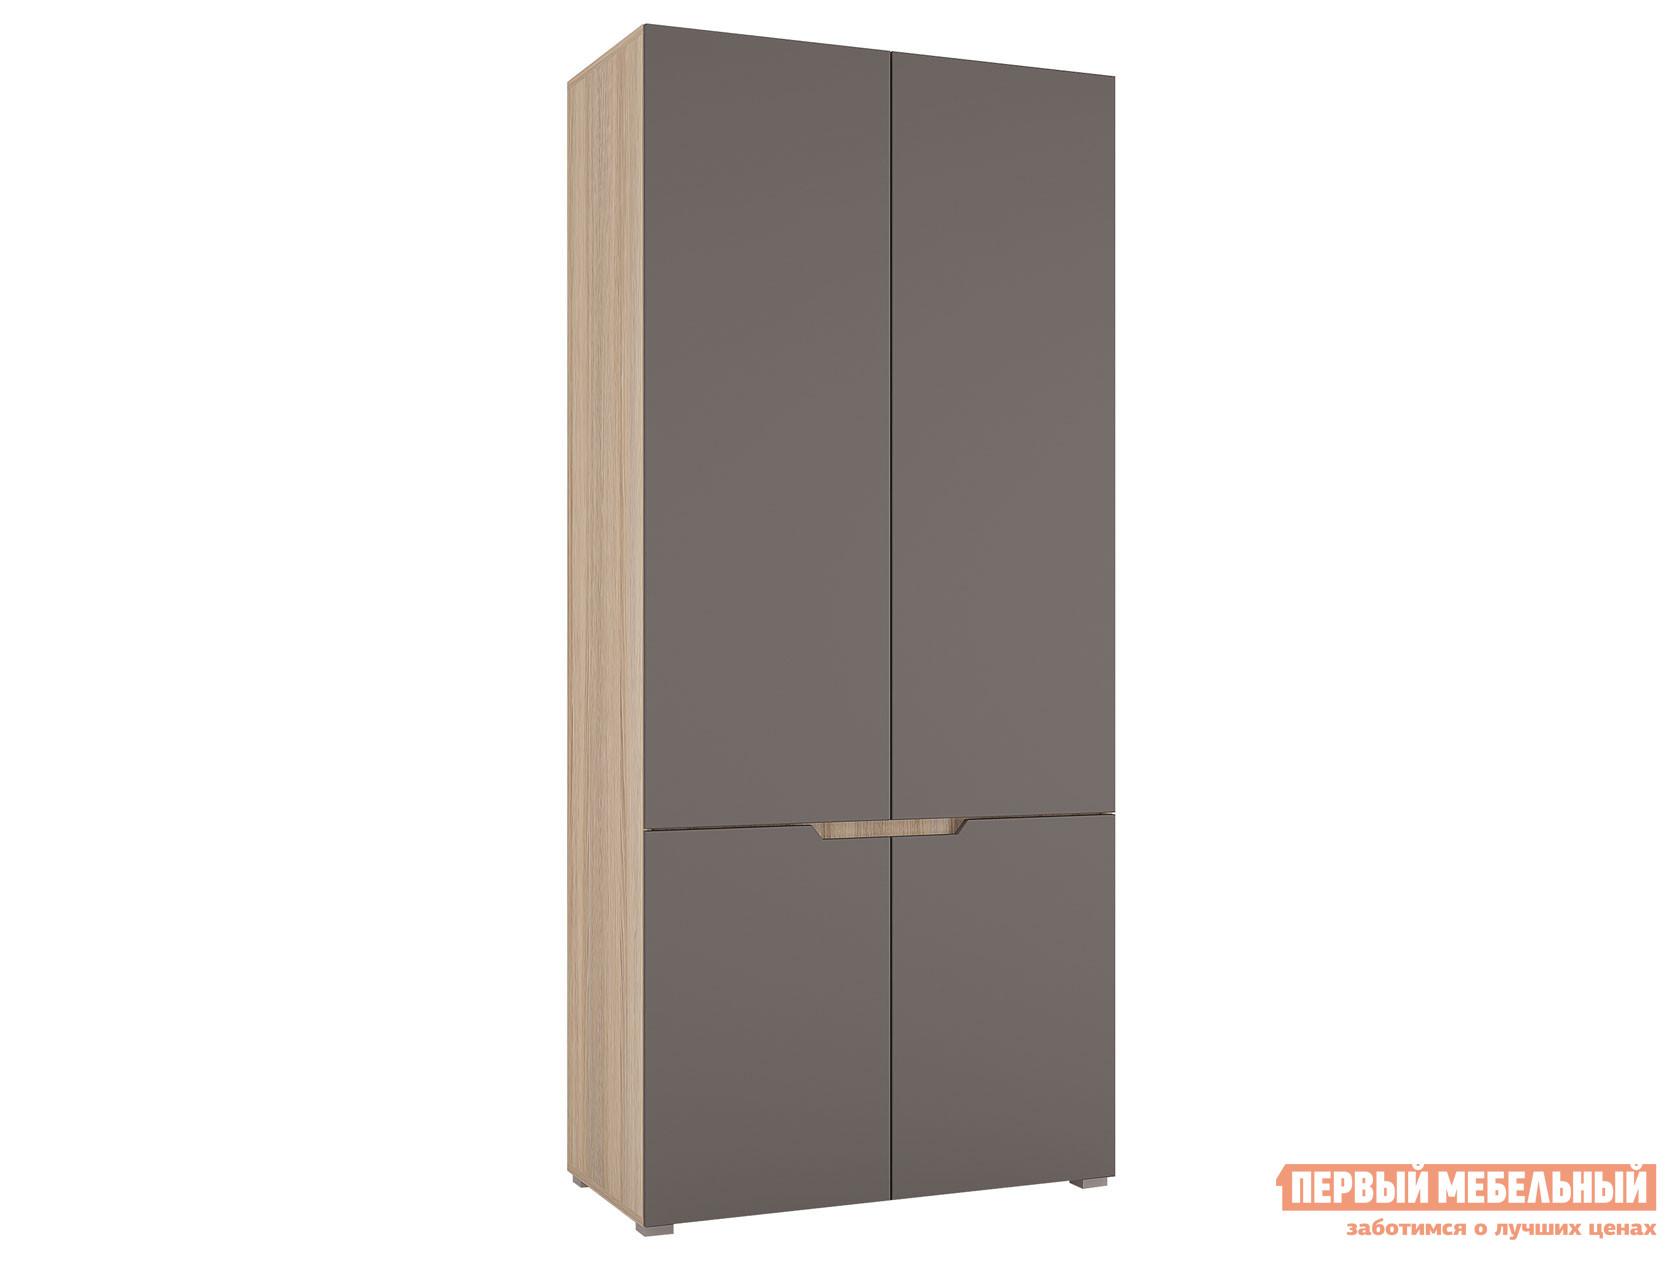 Фото - Шкаф распашной Первый Мебельный Шкаф 2х-дверный Анталия распашной шкаф первый мебельный шкаф 3 х дверный глухой венето